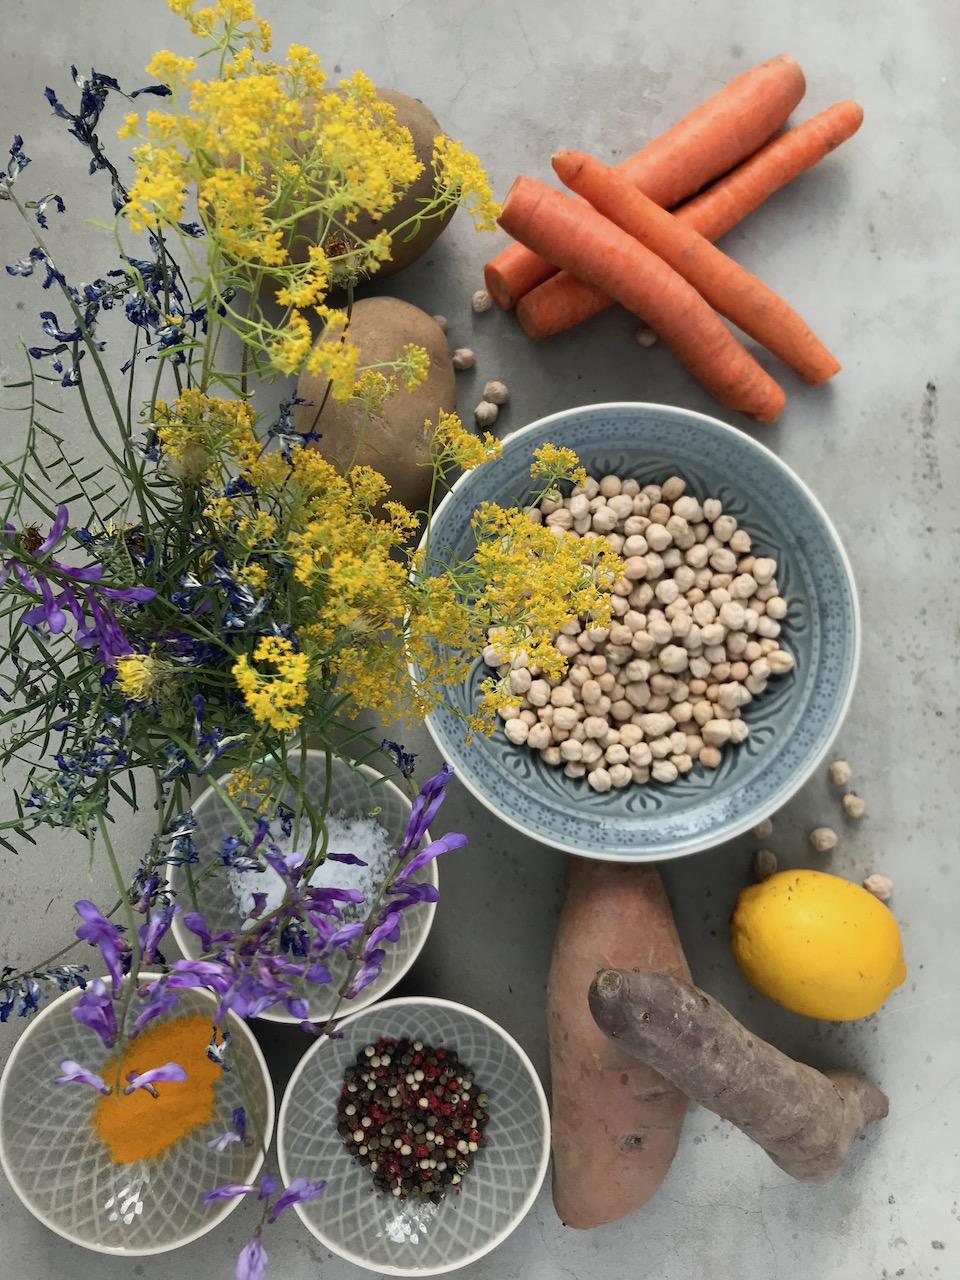 """Αν σας ενδιαφέρει μια vegan διατροφή είναι σημαντικό να είναι ισορροπημένη! Πολύς κόσμος παρεξηγημένα θεωρεί ότι το να είσαι vegan εξορισμού σημαίνει """"ισορροπημένη διατροφή"""". Μπορούμε όμως μαζί να δημιουργήσουμε μια διατροφή που να είναι vegan και συγχρόνως φροντιστική για τον εαυτό σας!"""